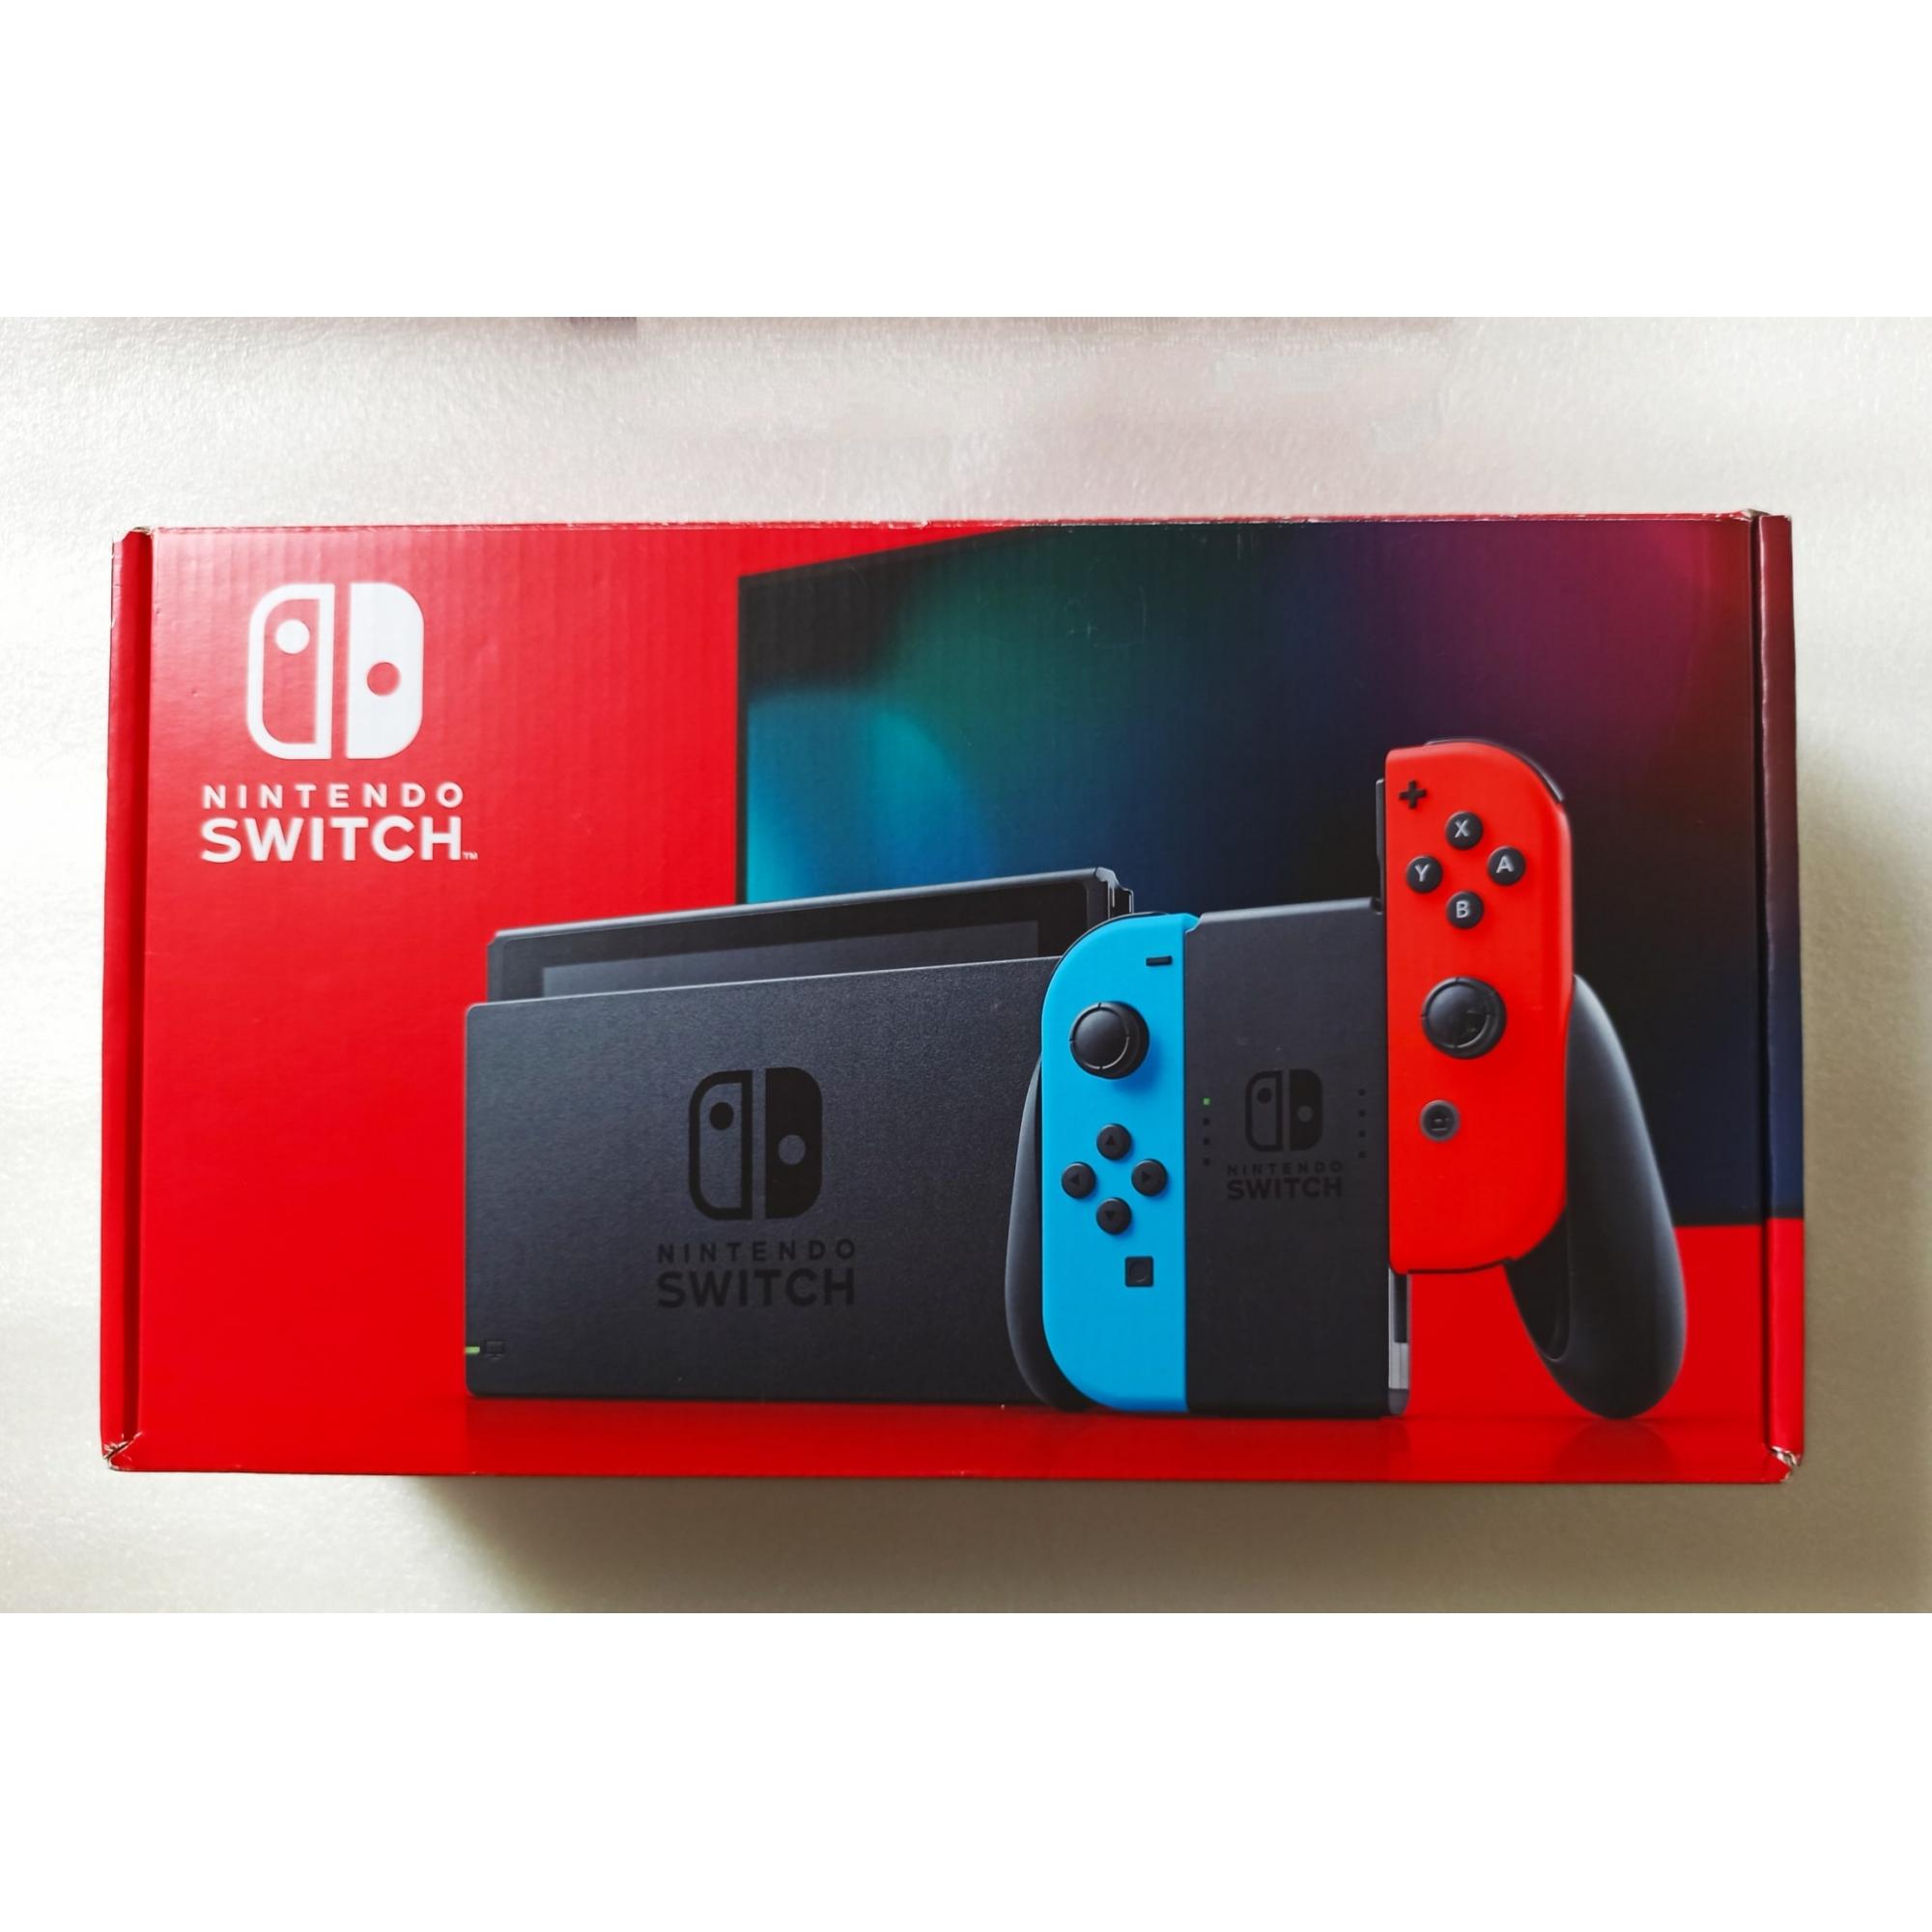 Console Nintendo Switch Neon - USADO - Versão 2